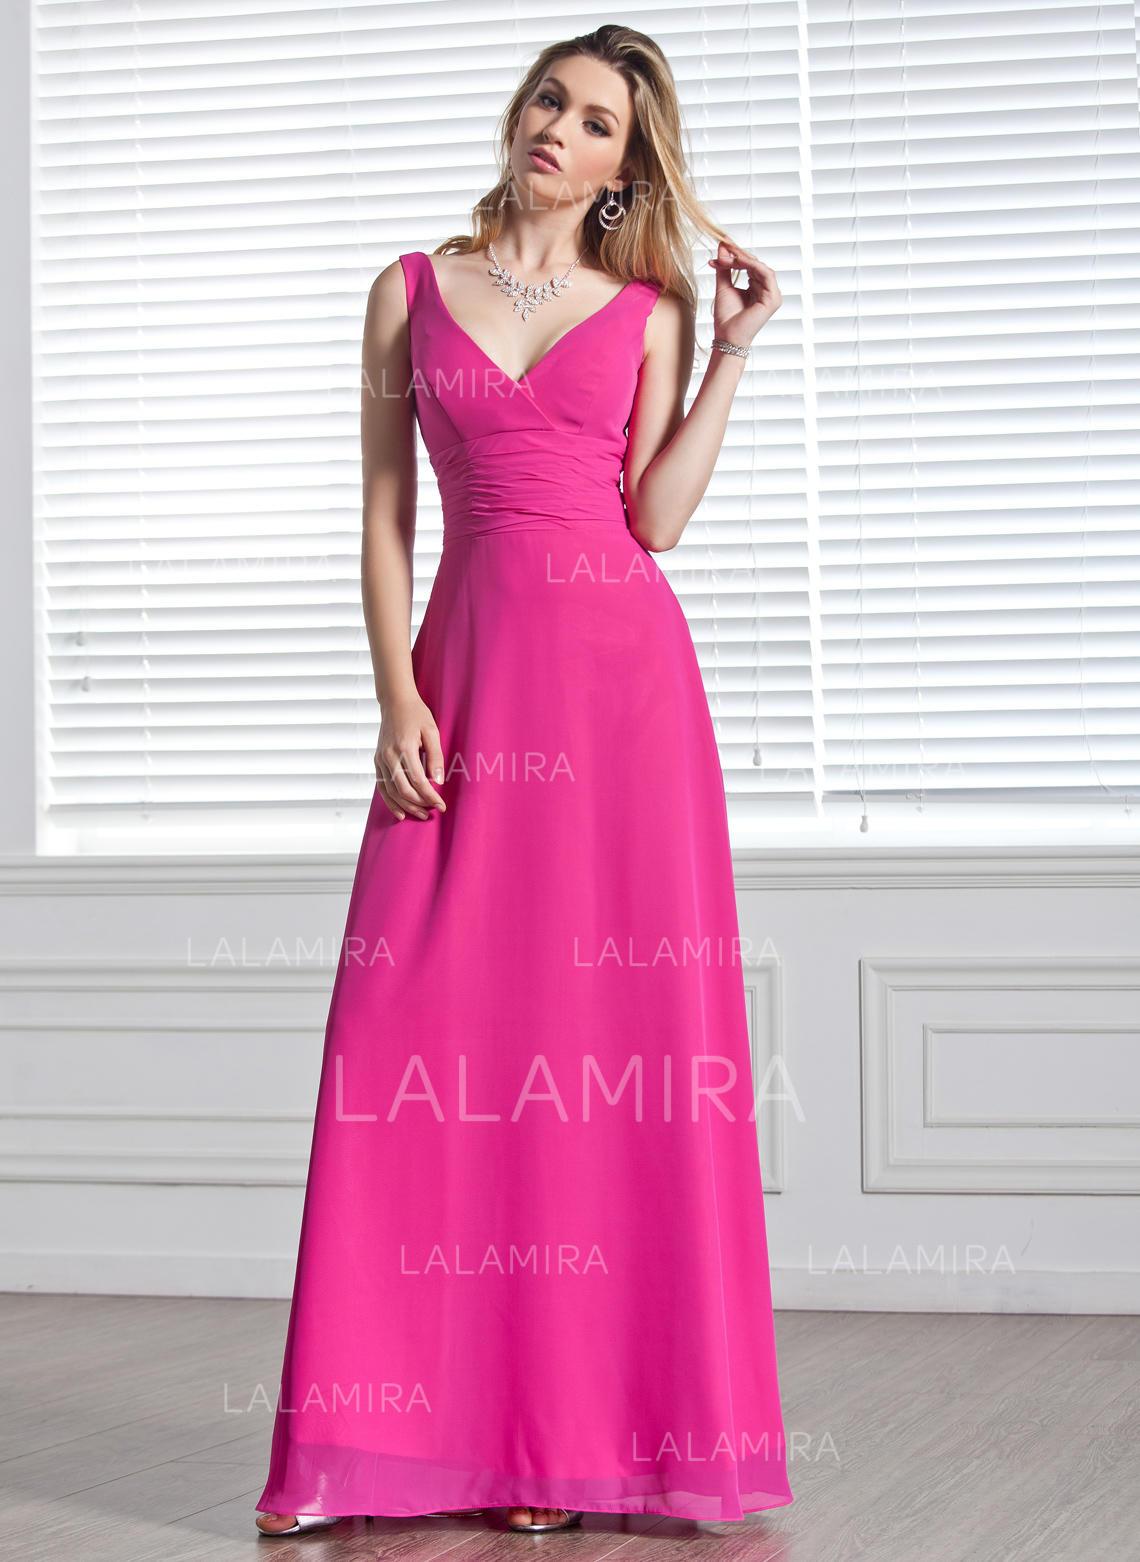 4fe303af2 Vestidos princesa/ Formato A Tecido de seda Vestidos de madrinha Pregueado  Decote V Sem magas. Loading zoom. Carregando